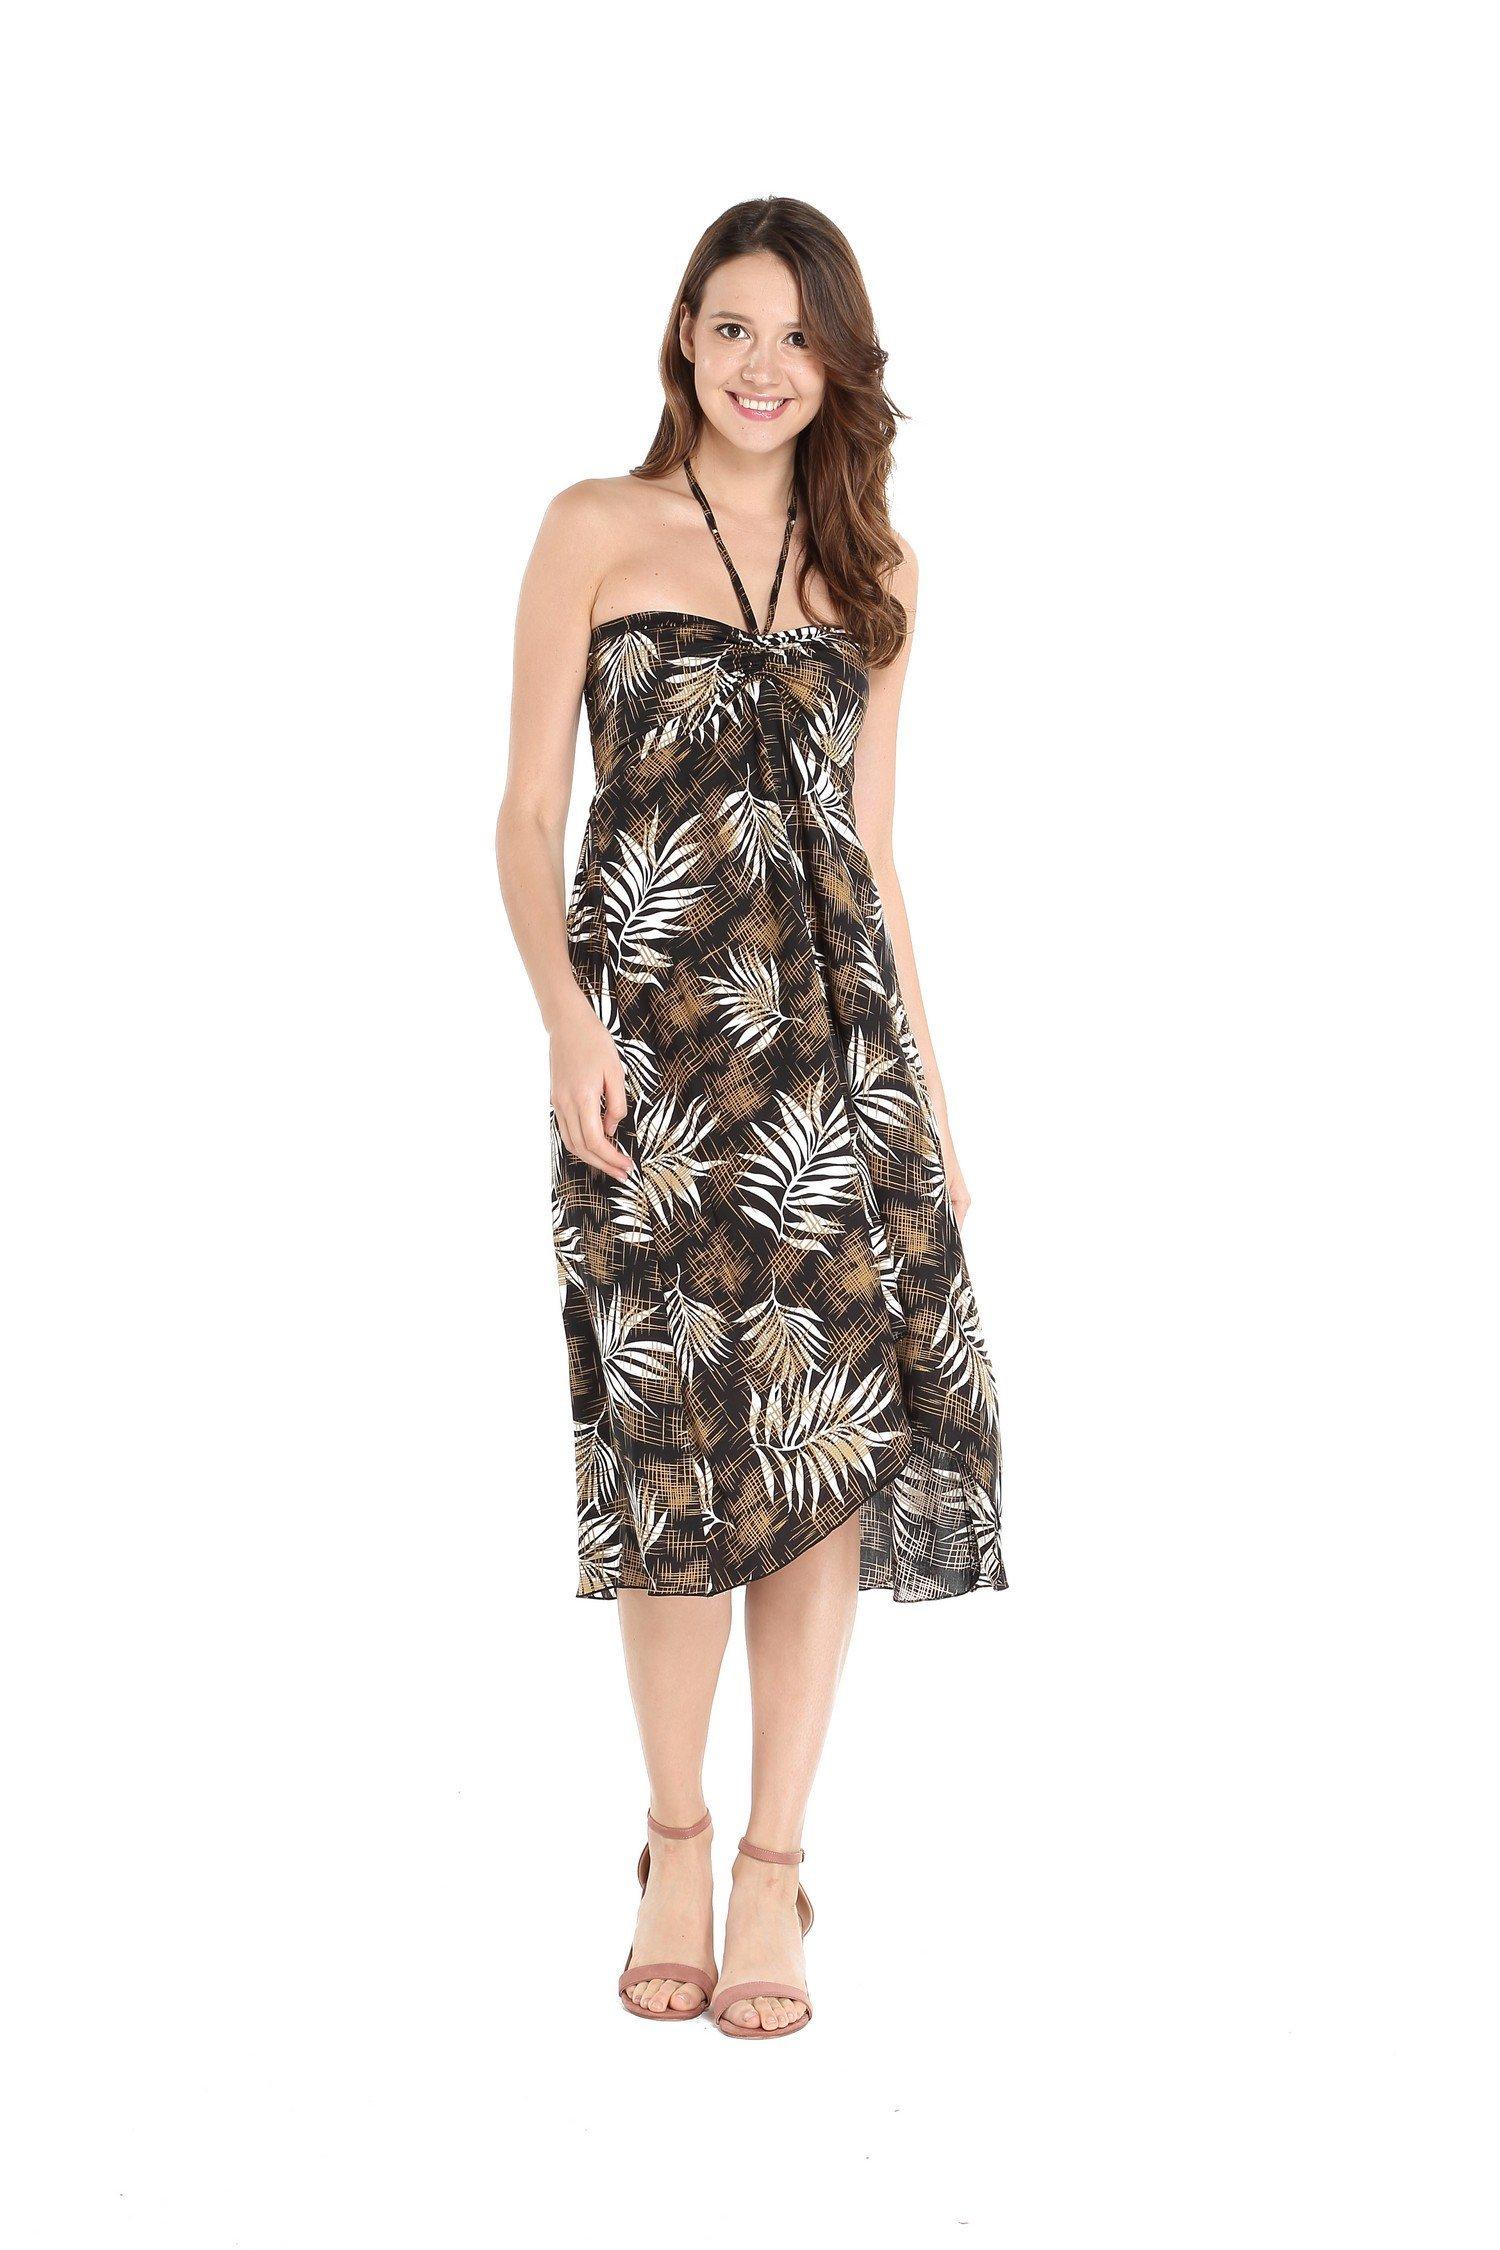 274324d29d97 Hawaii Hangover Women's Hawaiian Butterfly Luau Dress in Black Leaves 2XL